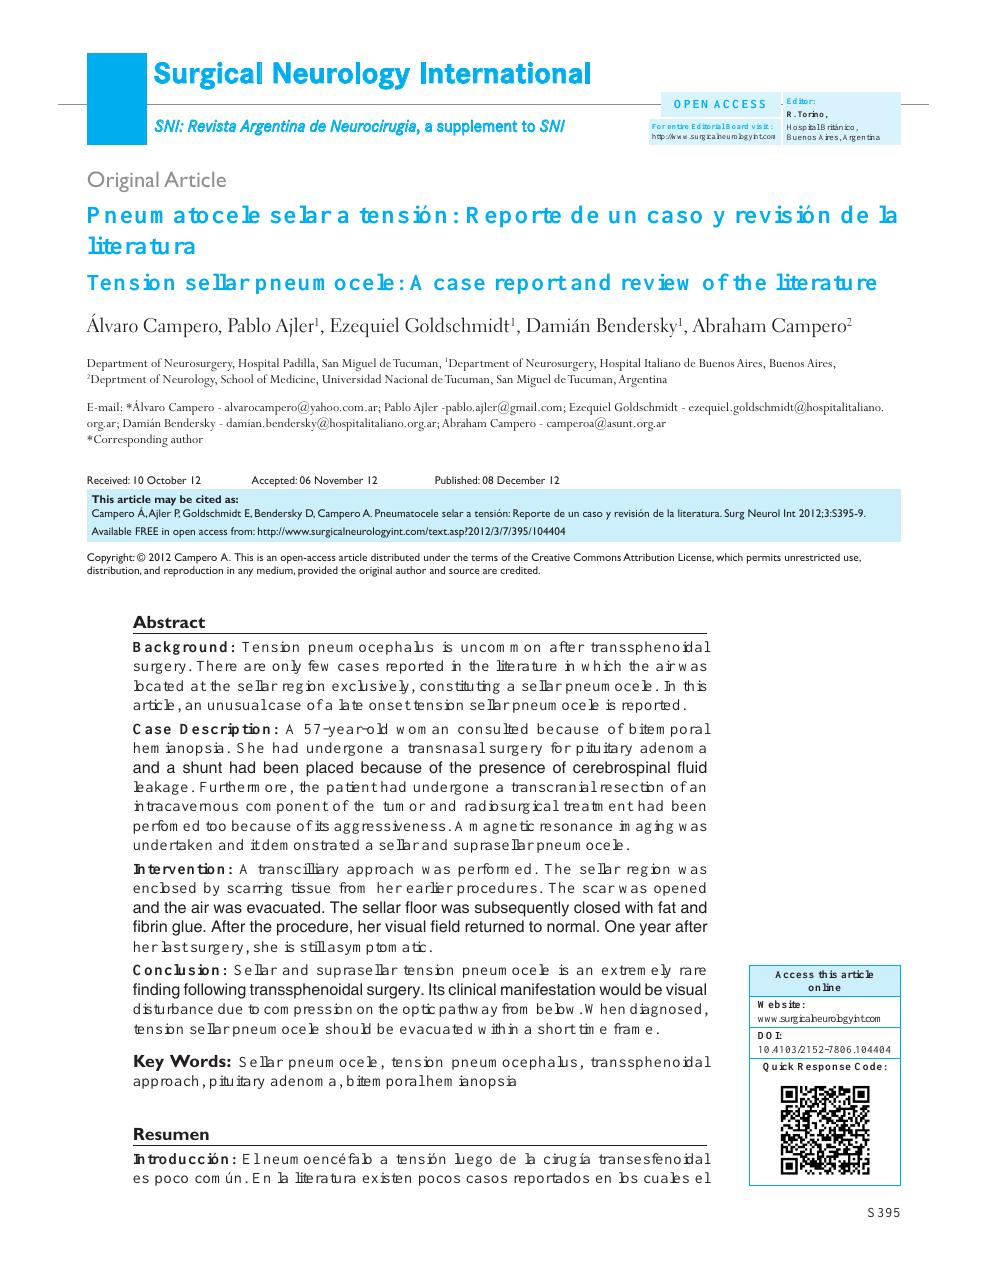 Fisiopatología de la masa supraselar de la hipertensión